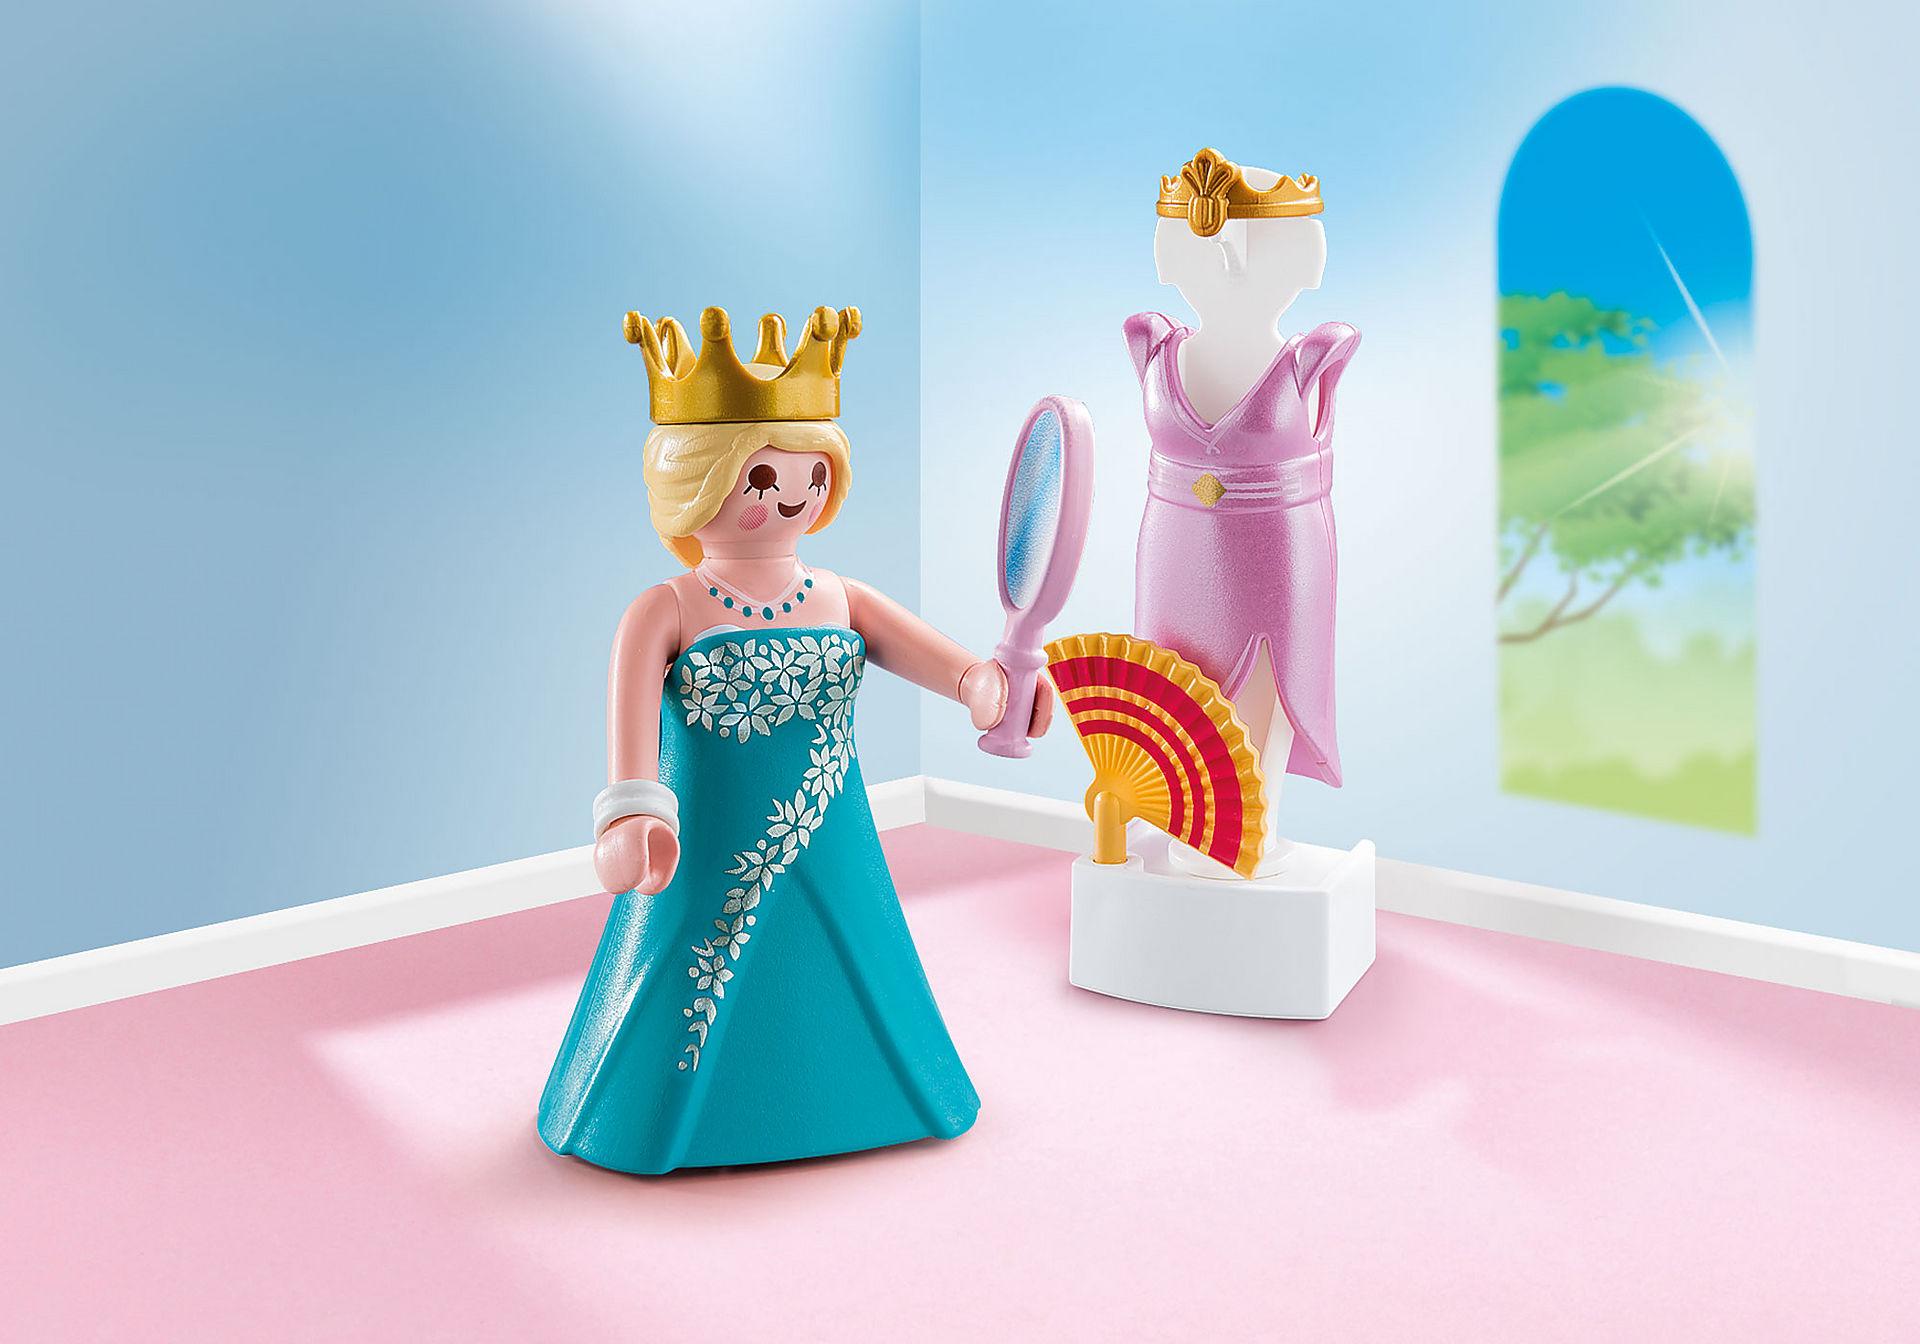 70153 Prinsesse med påklædningsfigur zoom image1